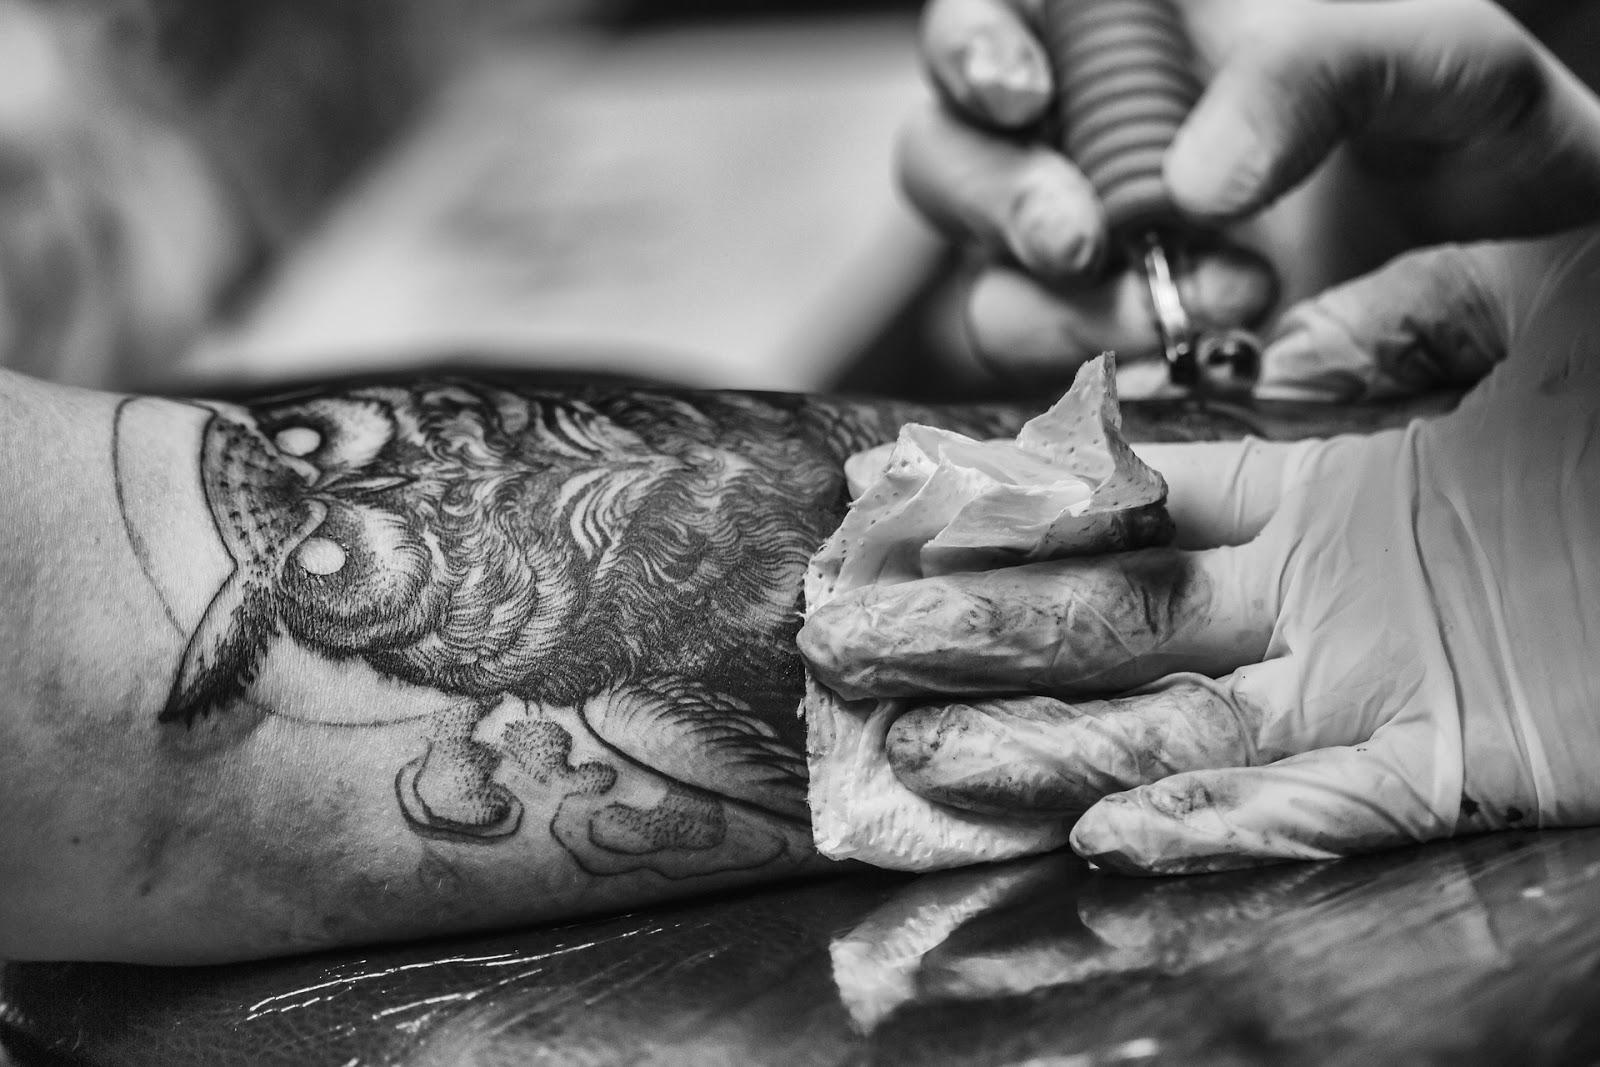 pierwszy tatuaż moje doświadczenia, tatuaż, tattoo